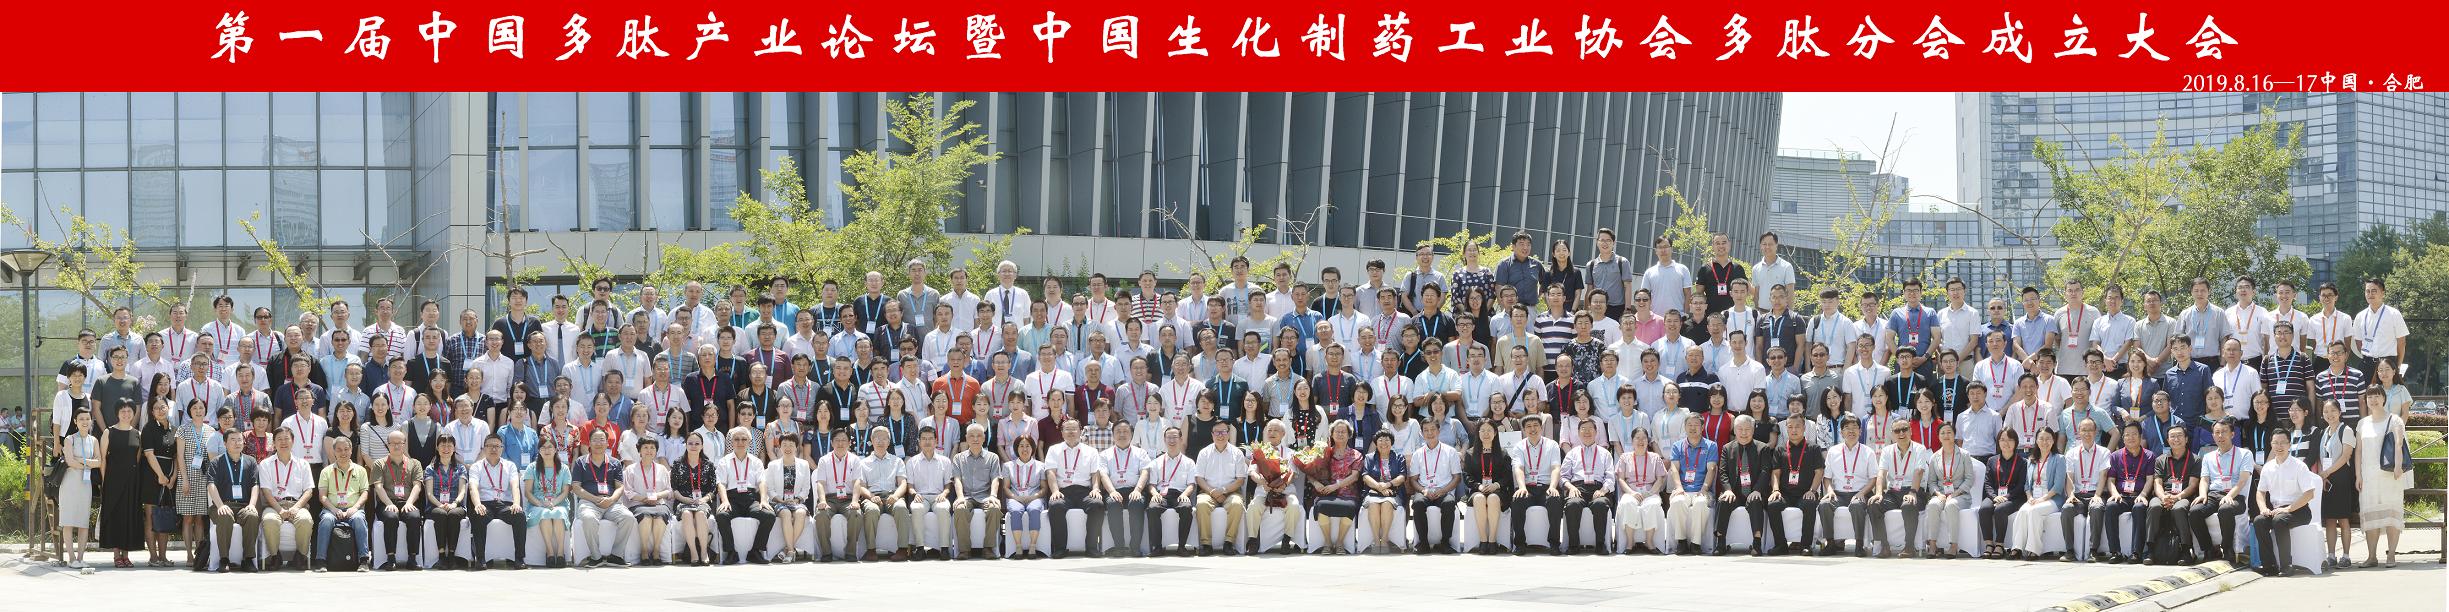 Zhejiang Huajun Pharmaceutical Co., Ltd. went to